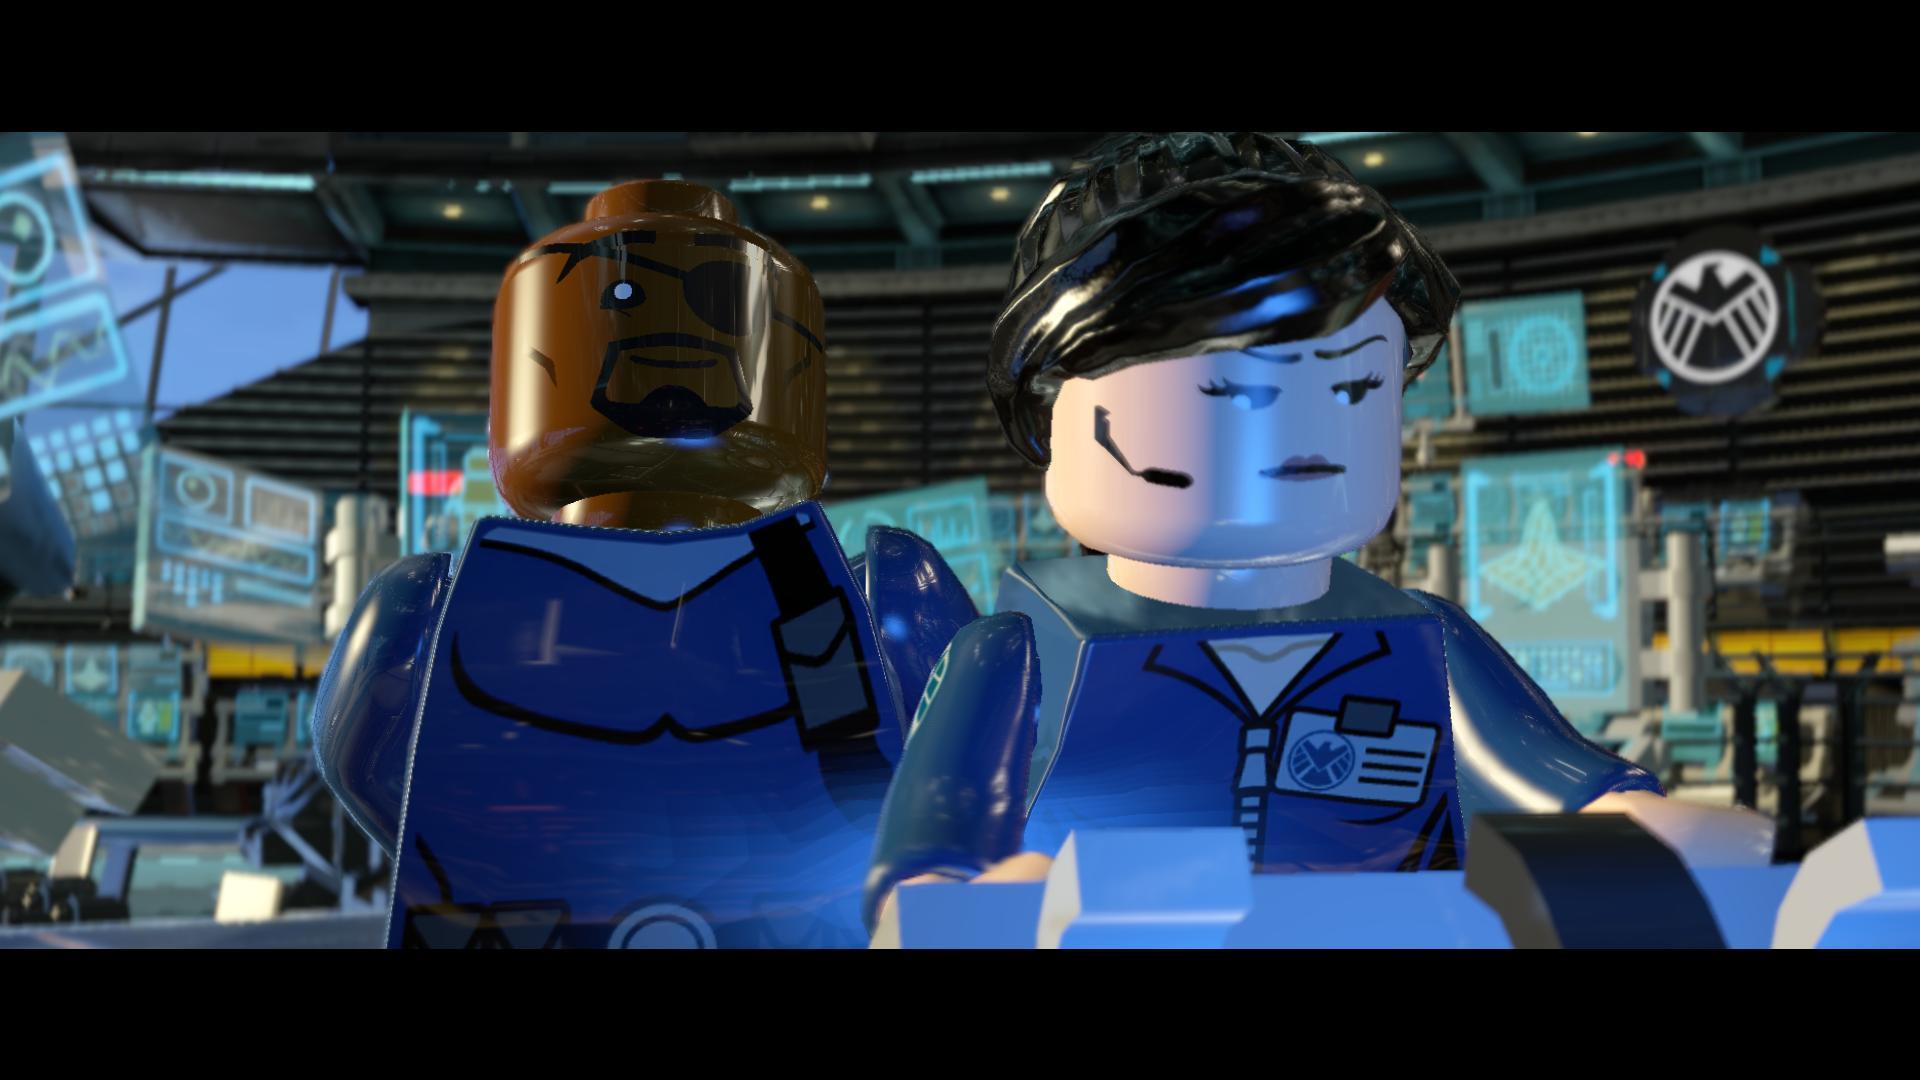 Voir toutes les images de LEGO Marvel Super Heroes